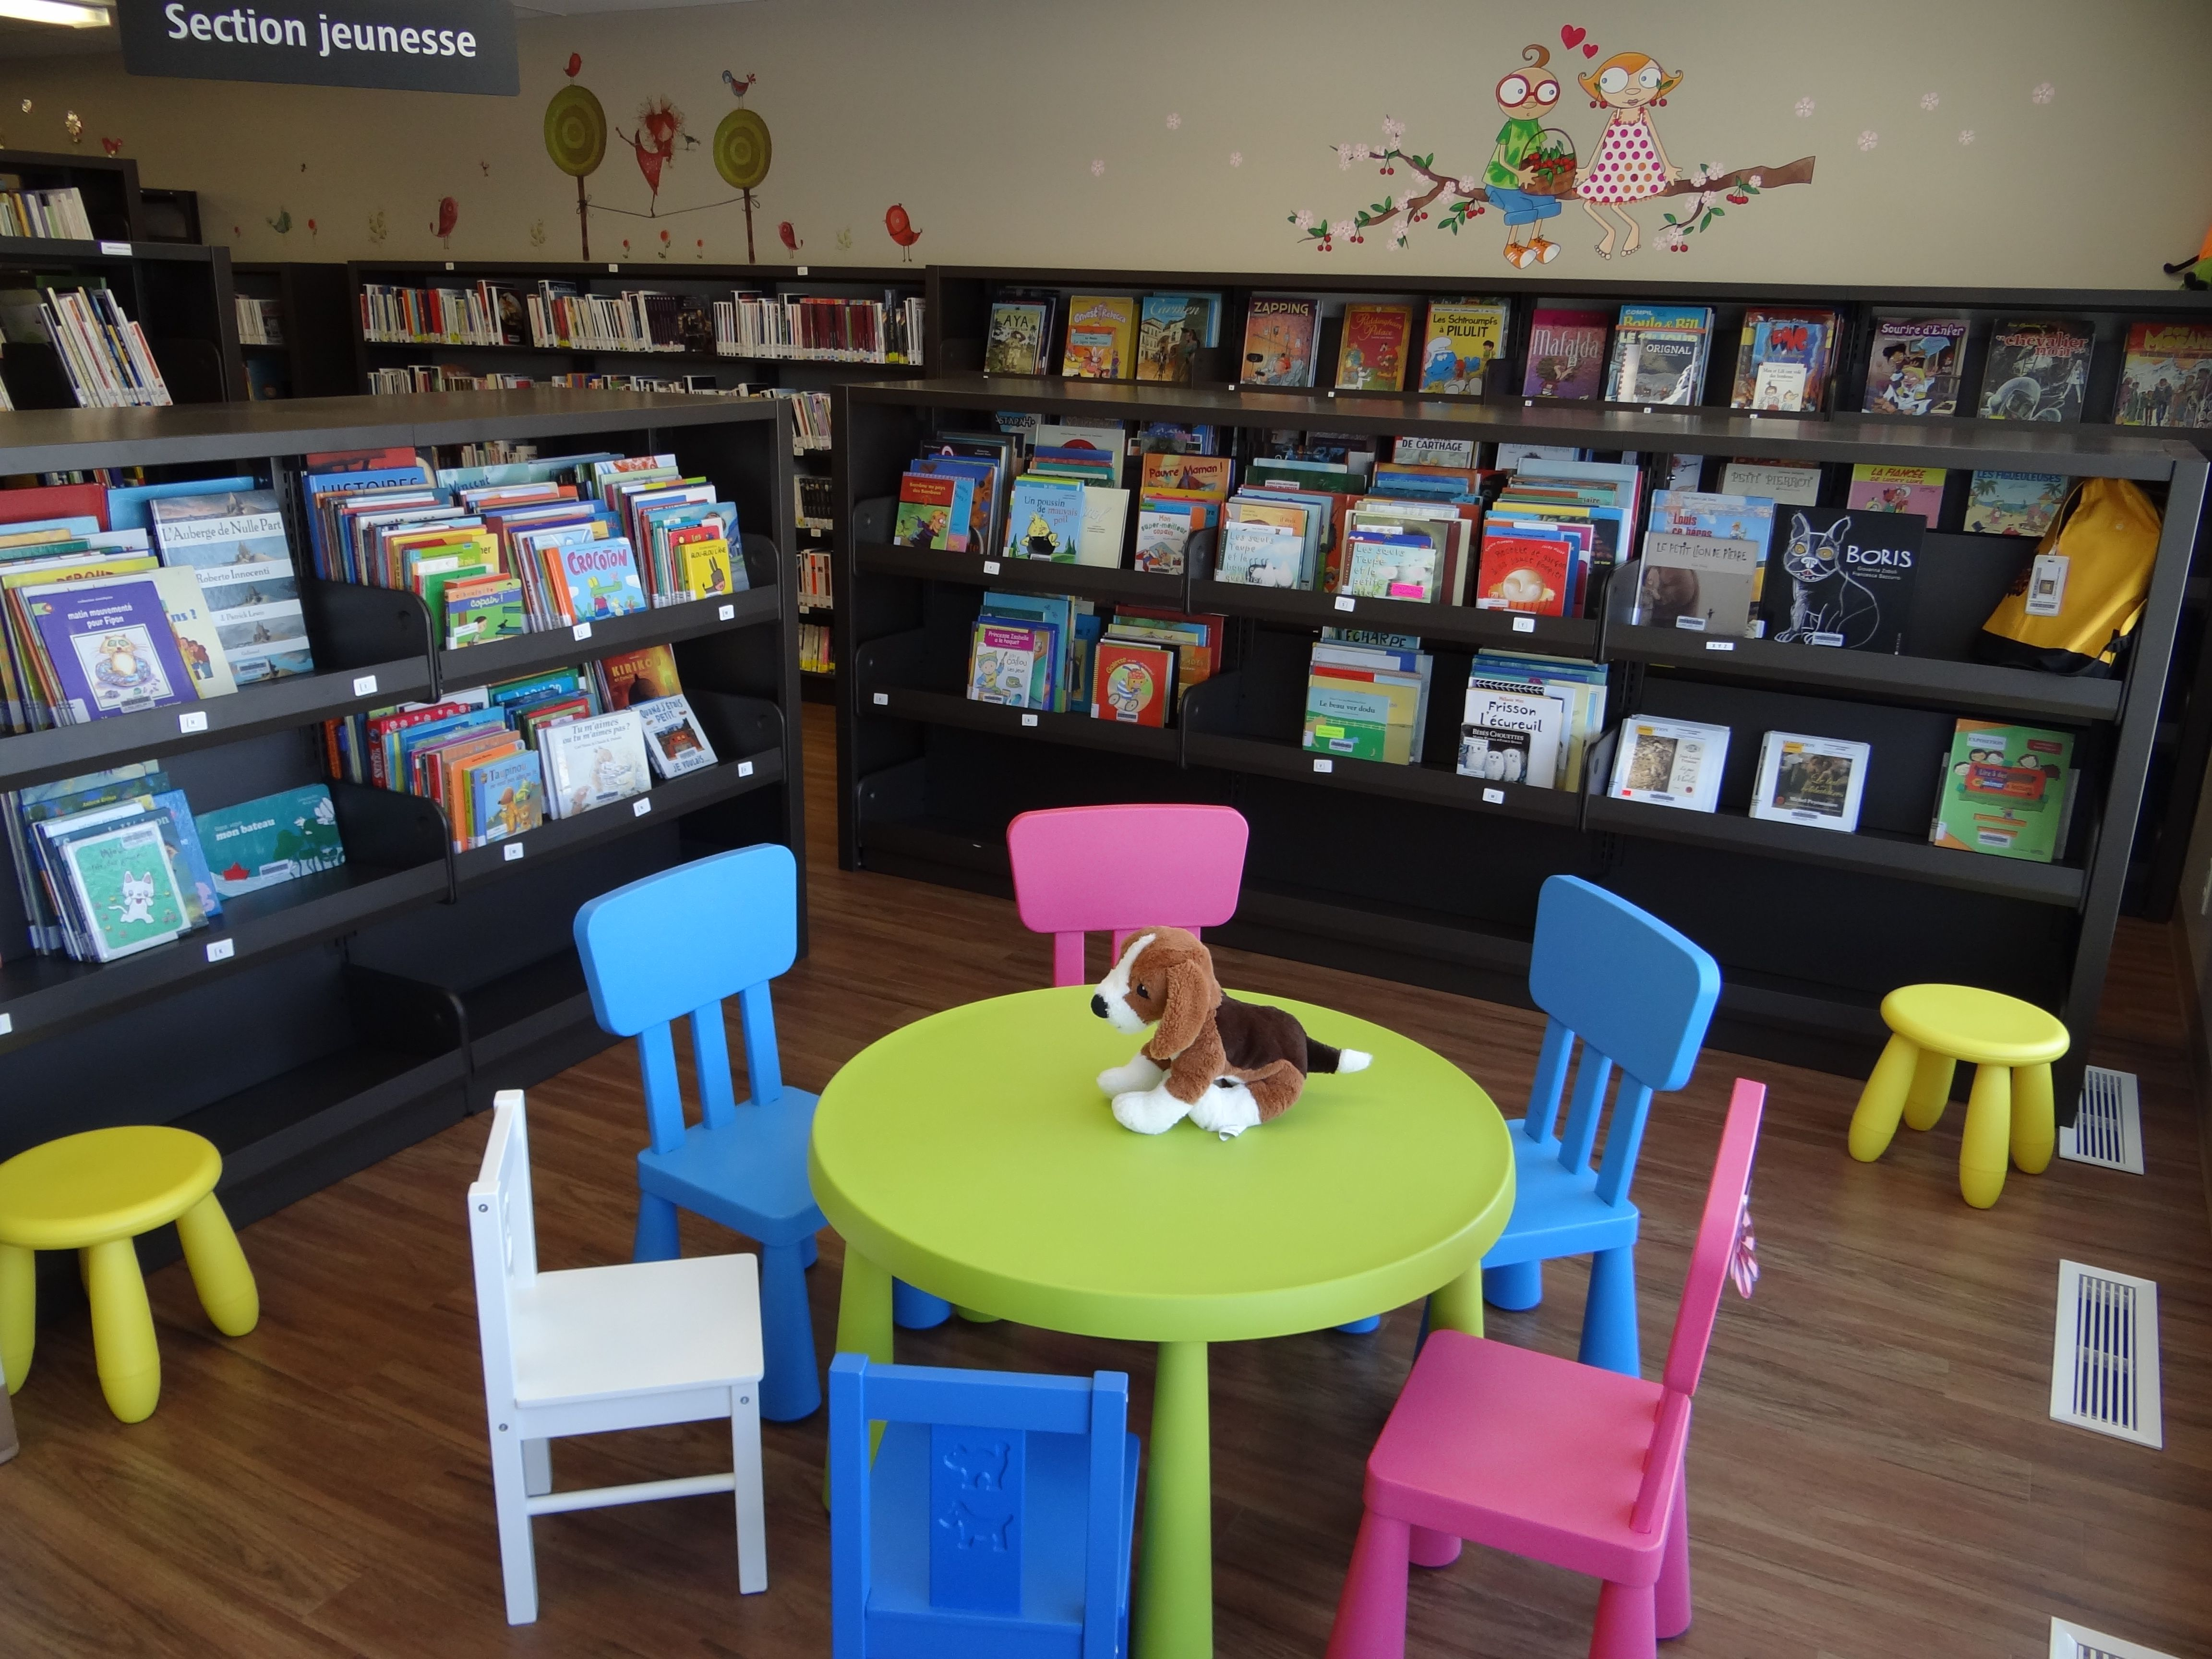 am nagement espace jeunesse biblioth que municipale de. Black Bedroom Furniture Sets. Home Design Ideas